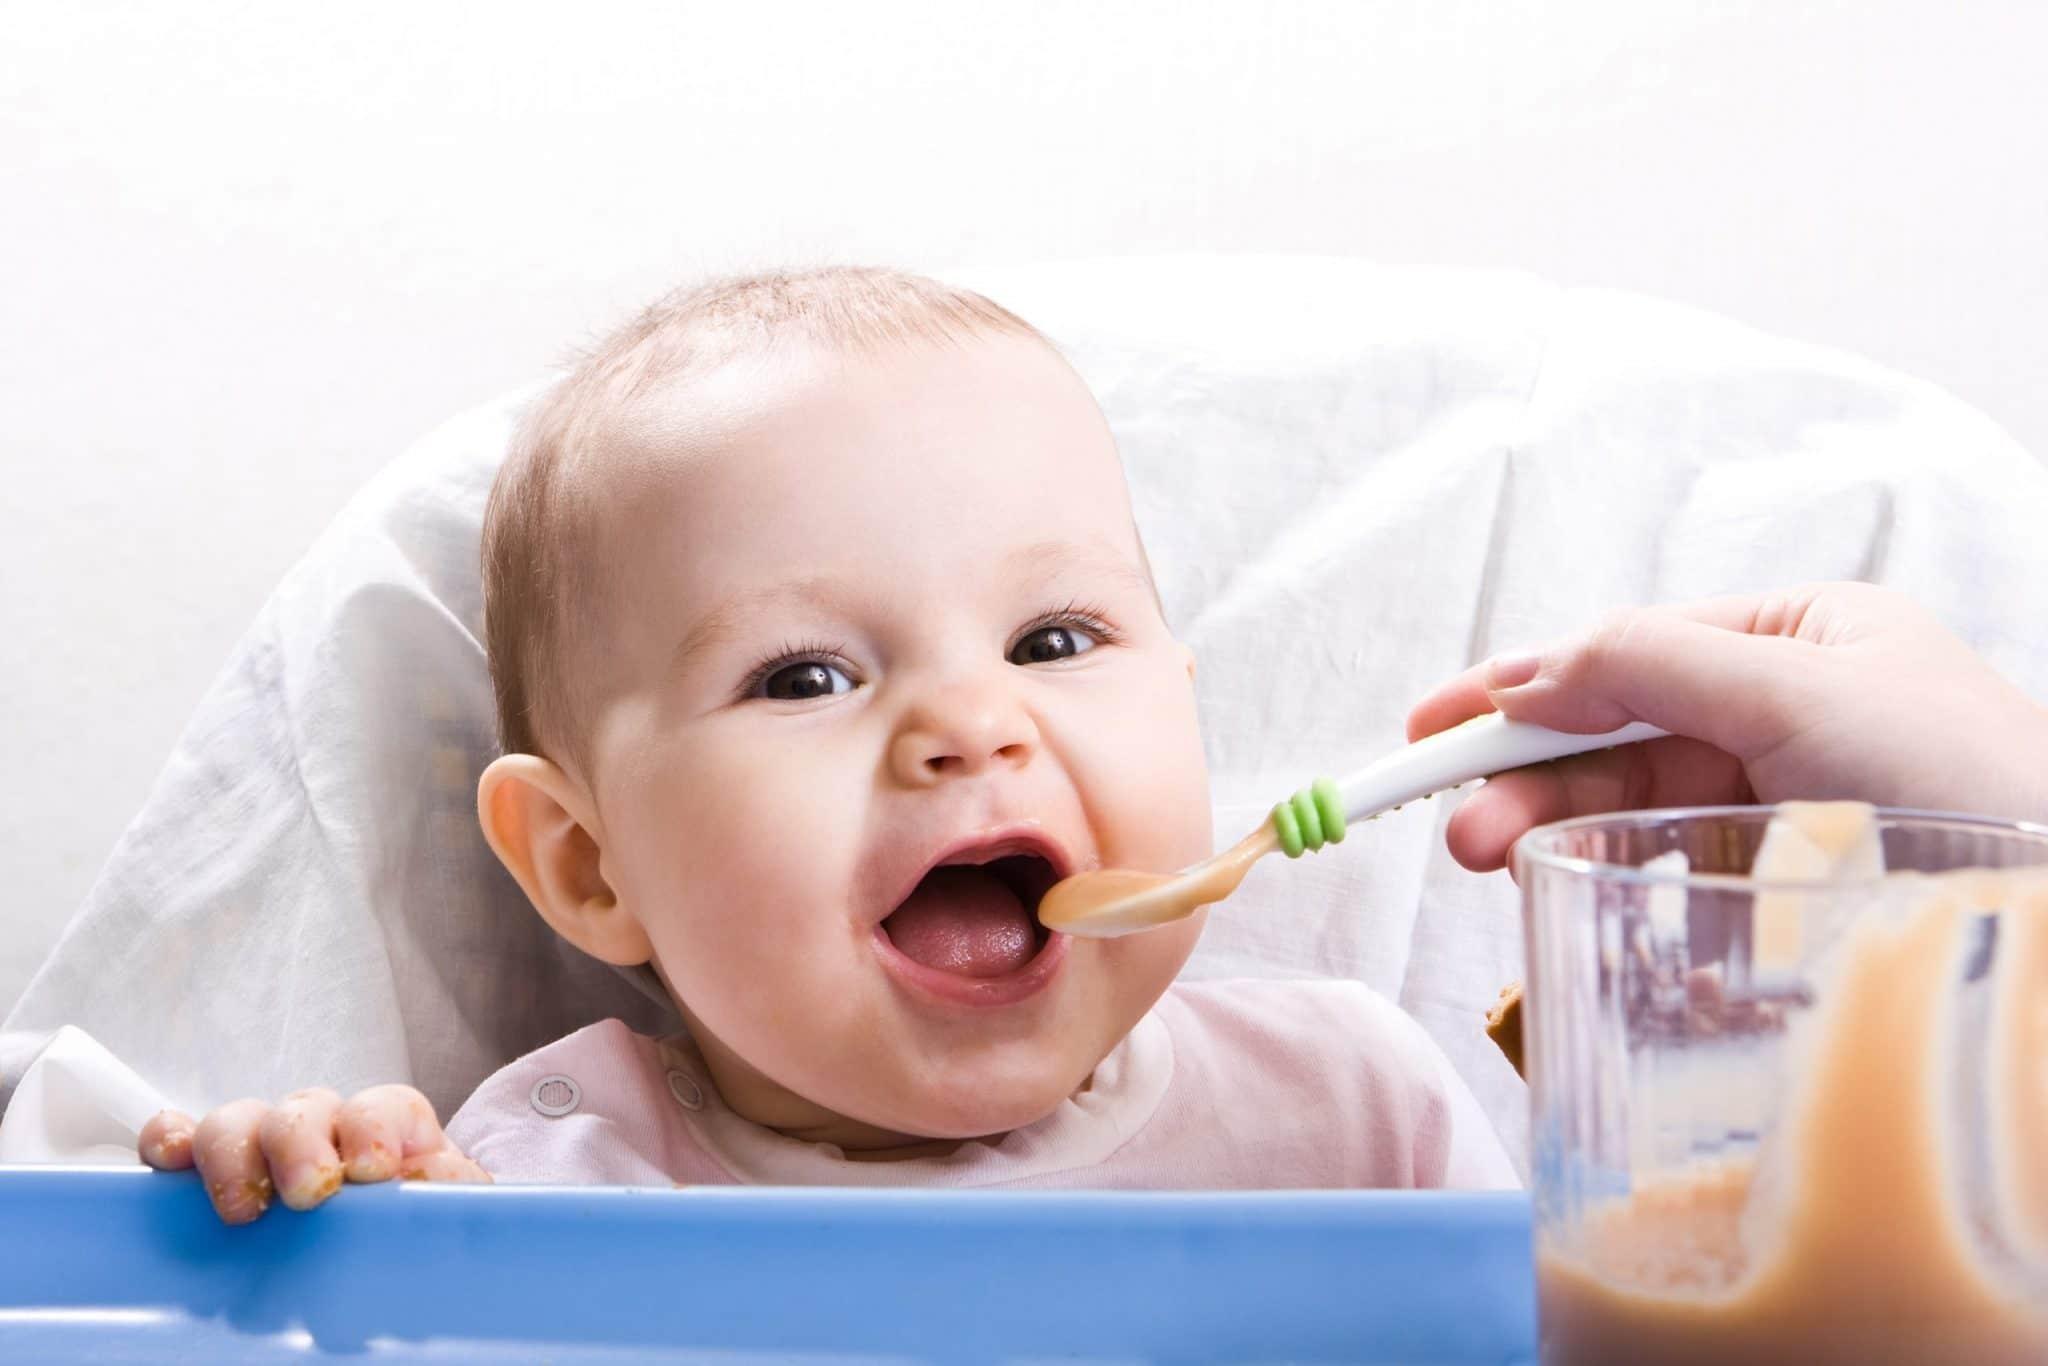 Bebekler İçin En Az 1 Yaşa Kadar Yasak Olan Besinler